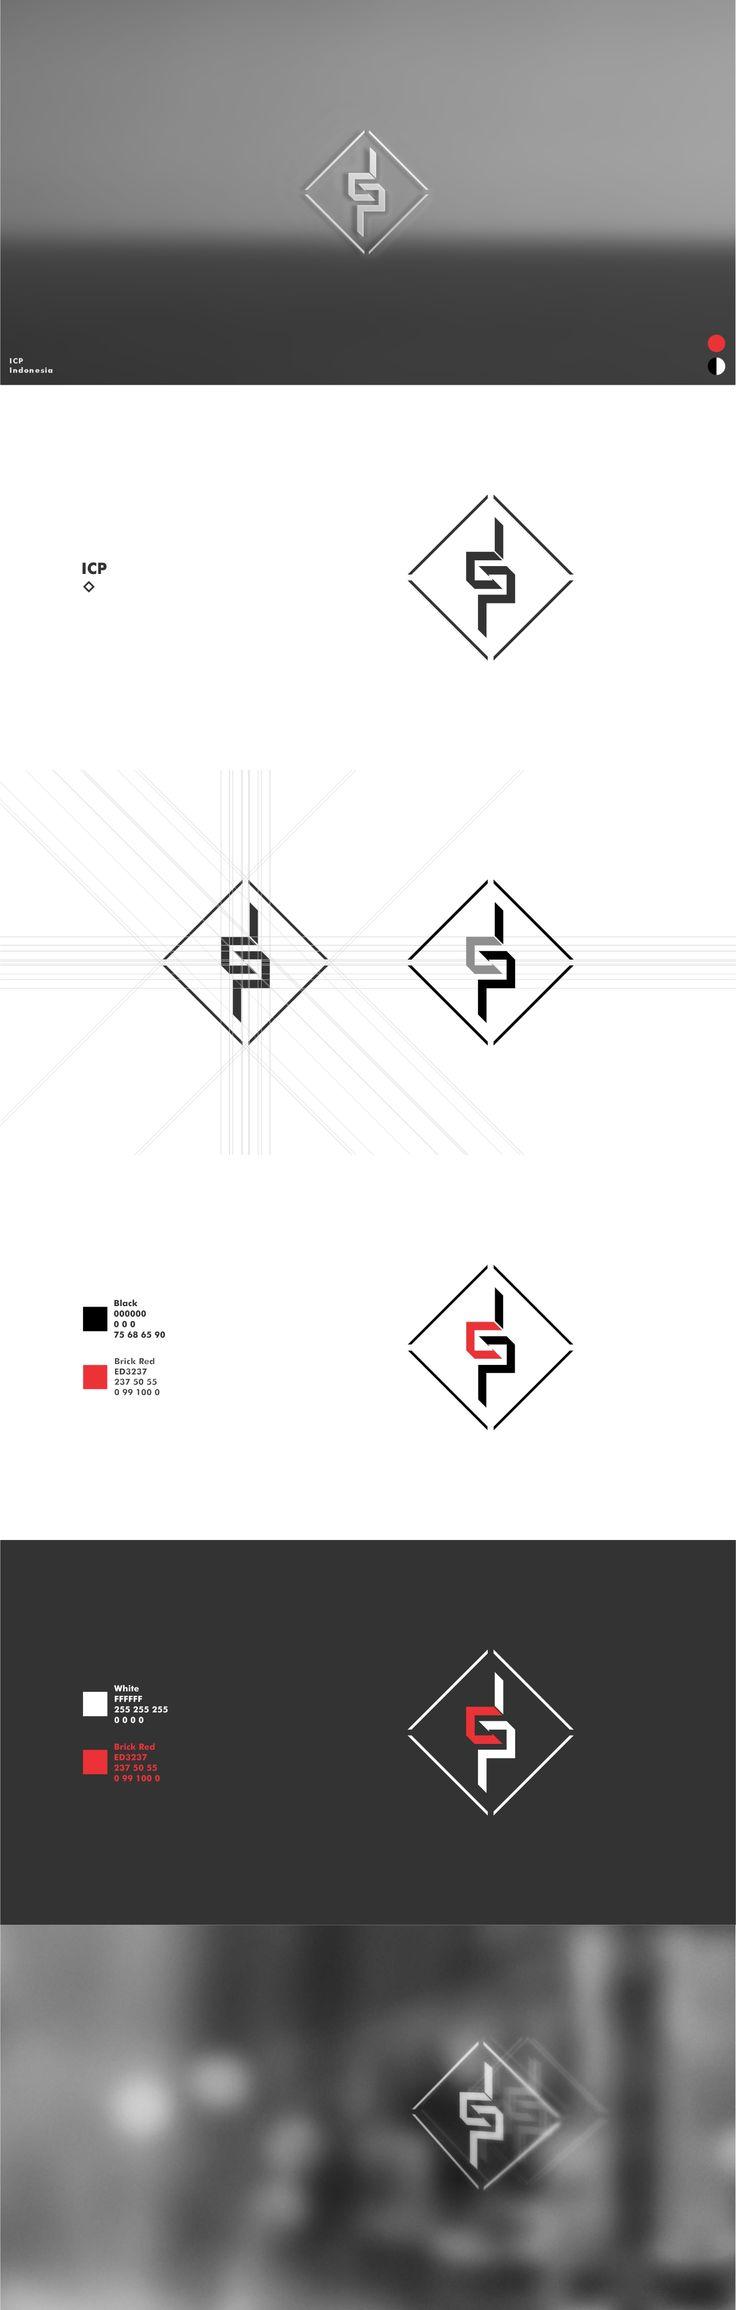 ICP - Visual Identity #visual #identity #visualidentity #logo #graphic #design #graphicdesign #digitalart #presentation #portfolio